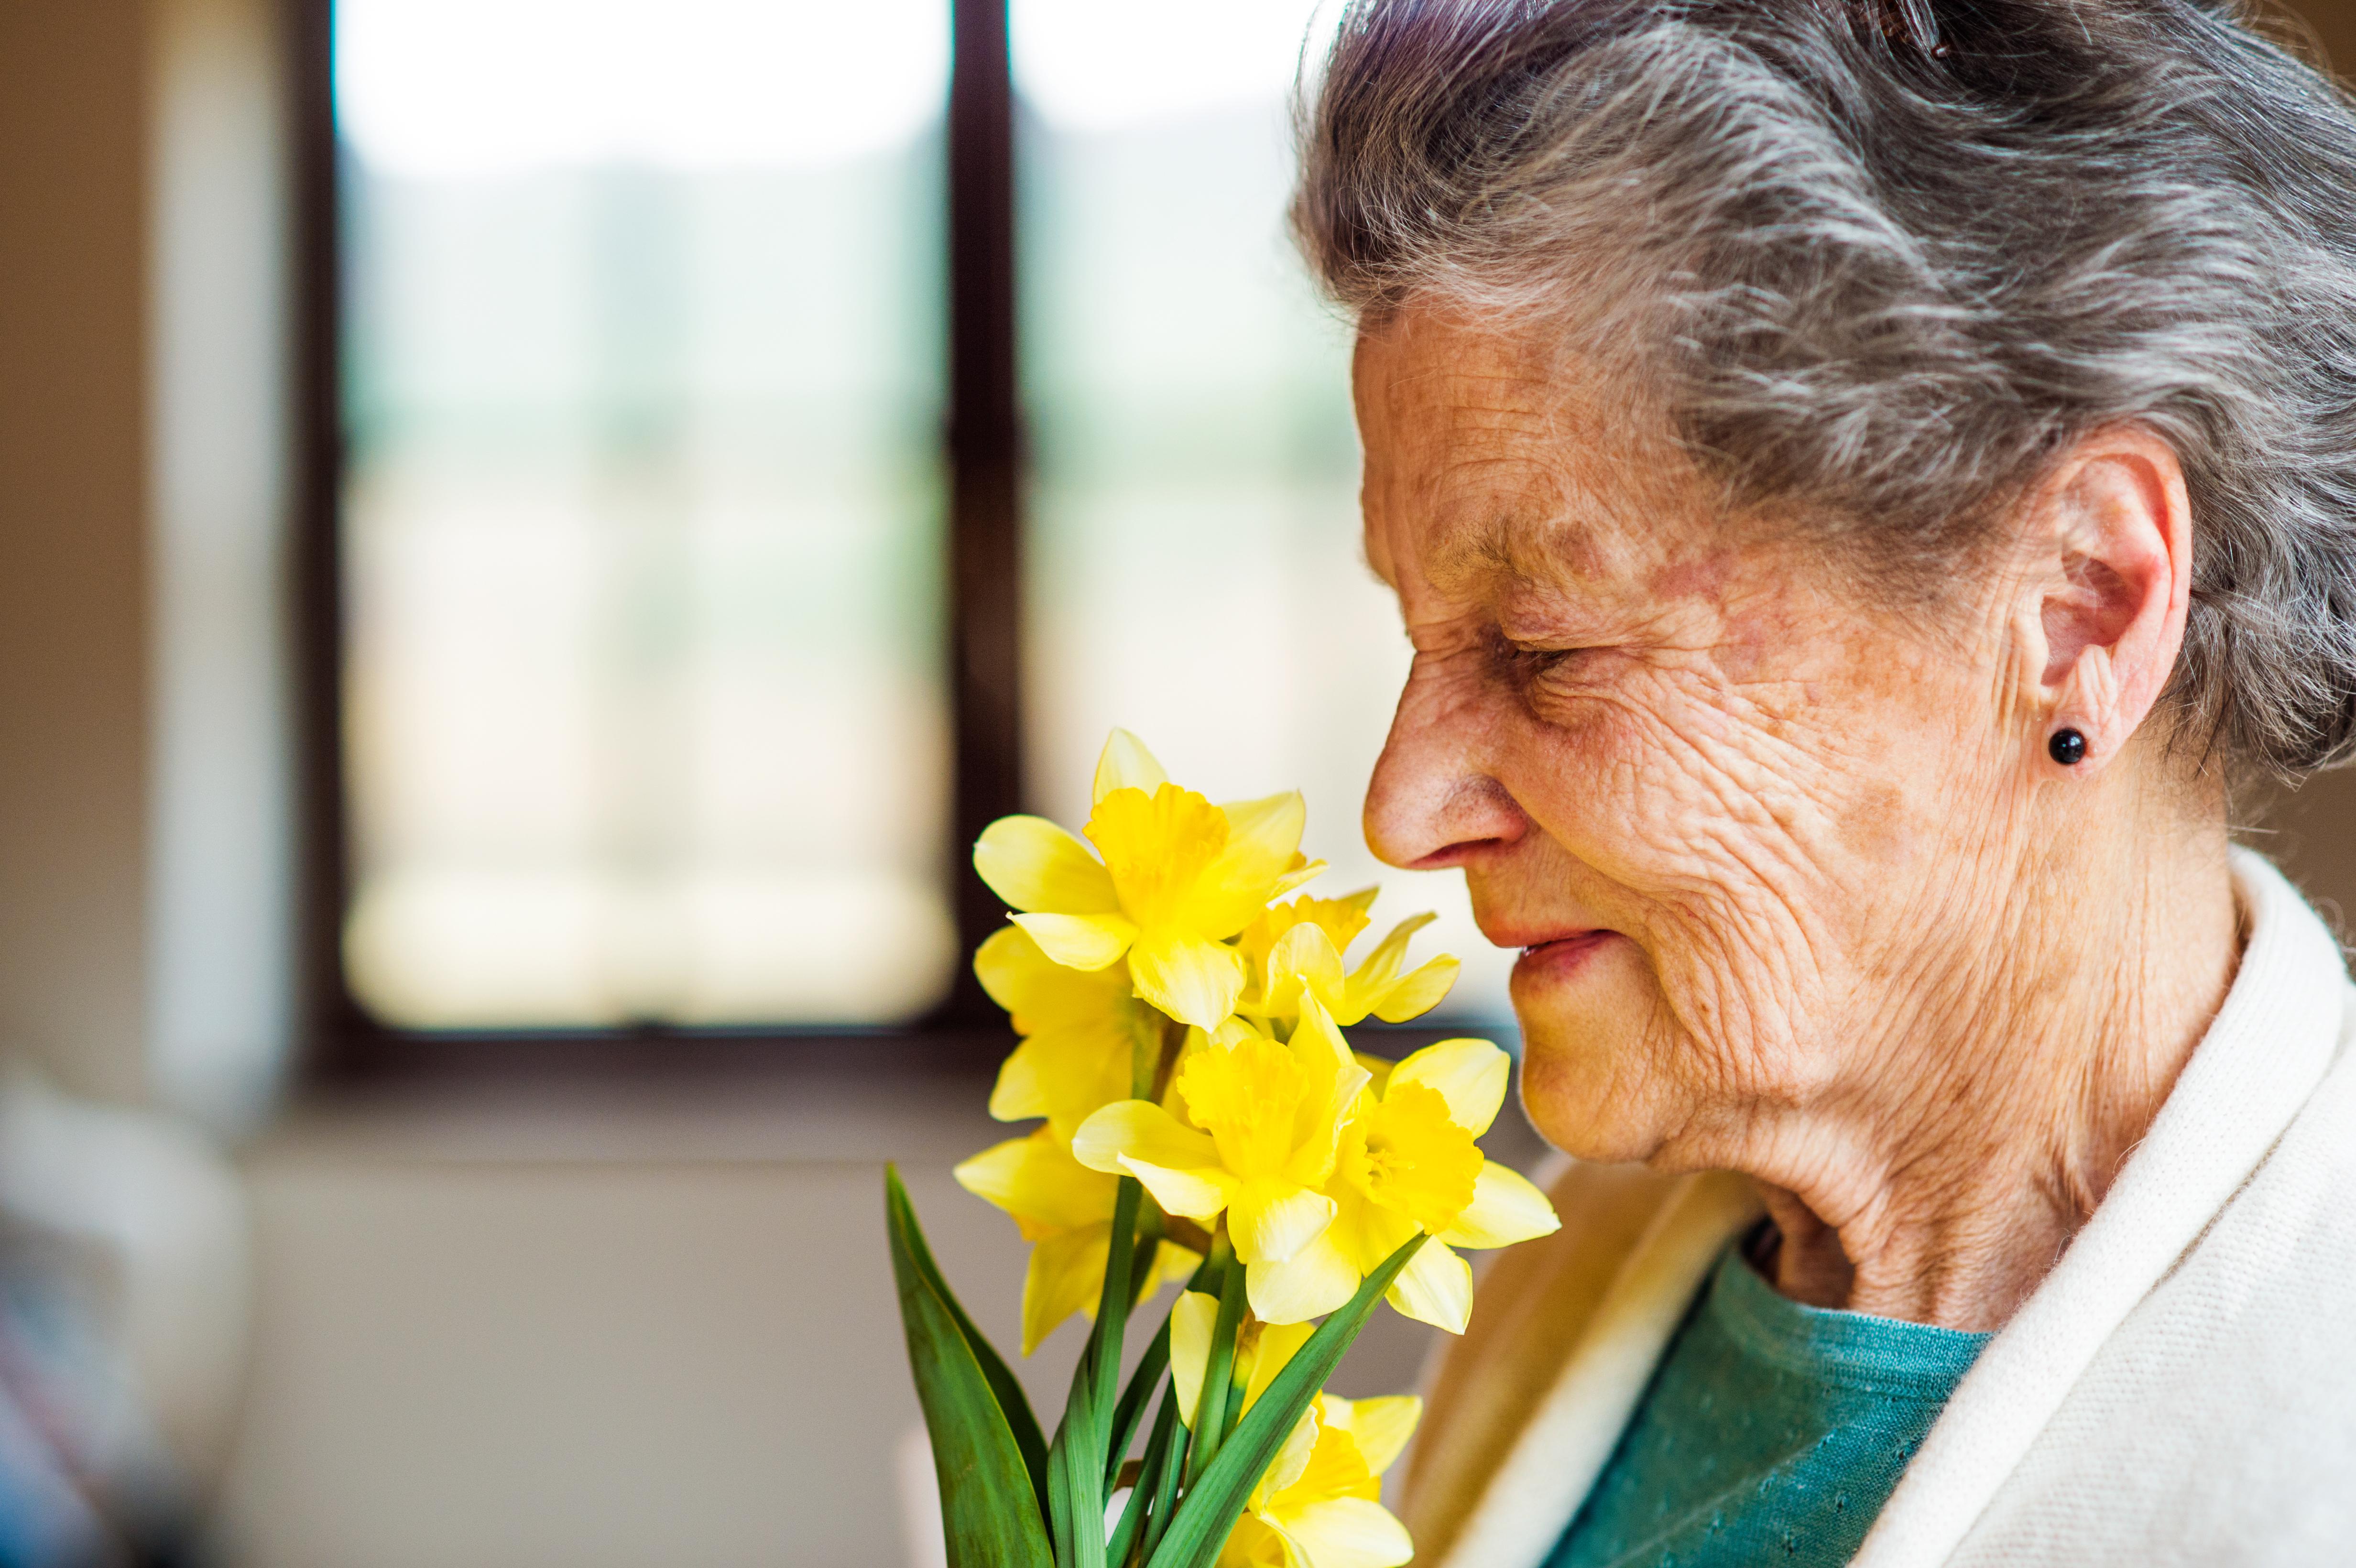 Även om man tar hänsyn till ålder, kön, demens, och andra hälsovariabler kvarstår sambandet mellan försämrat doftsinne och dödlighet.